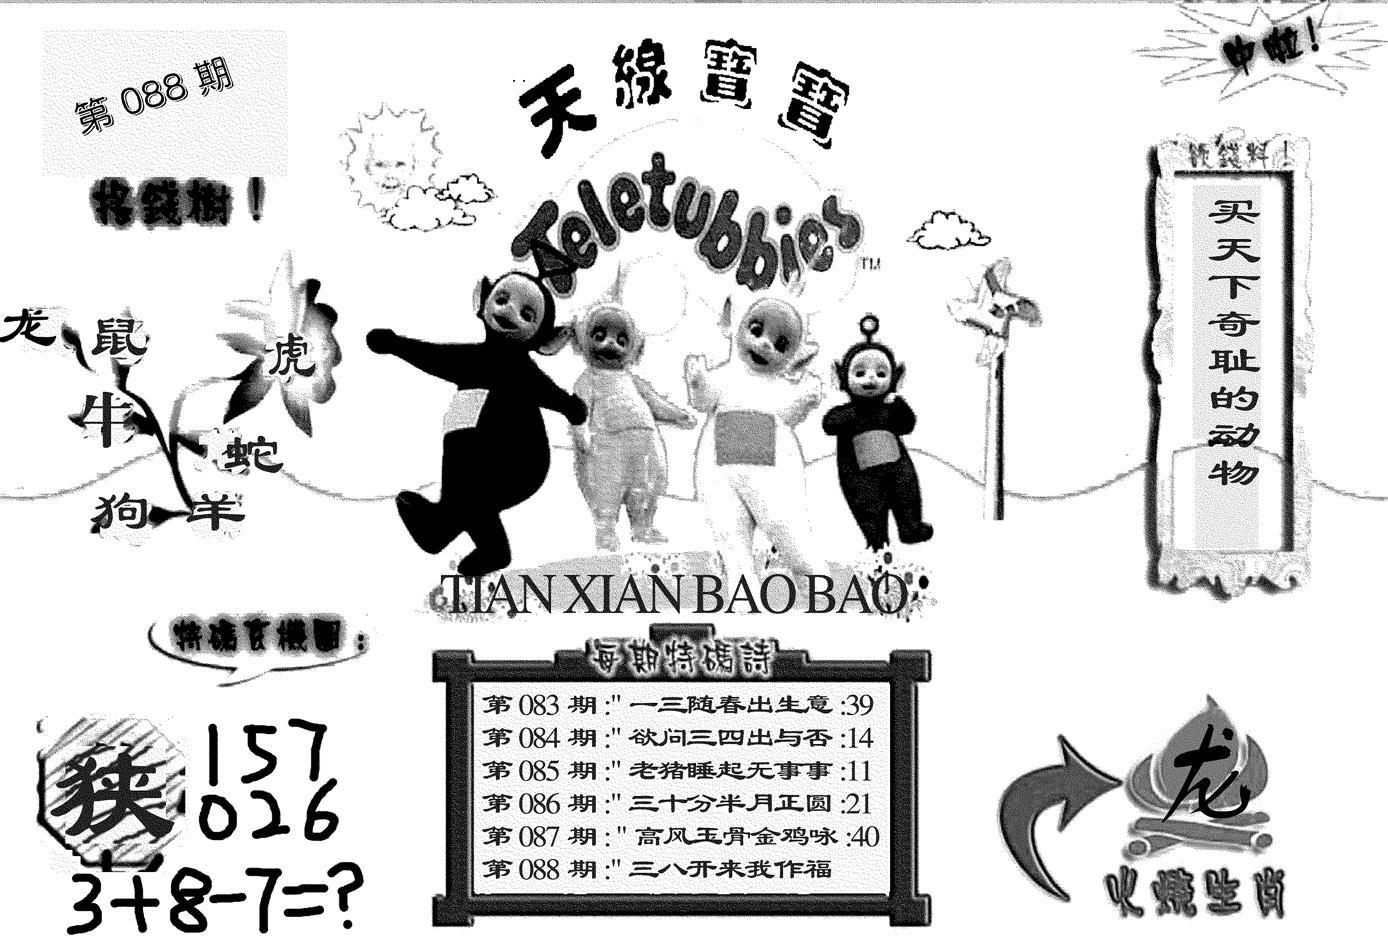 088期天线宝宝(黑白)(黑白)